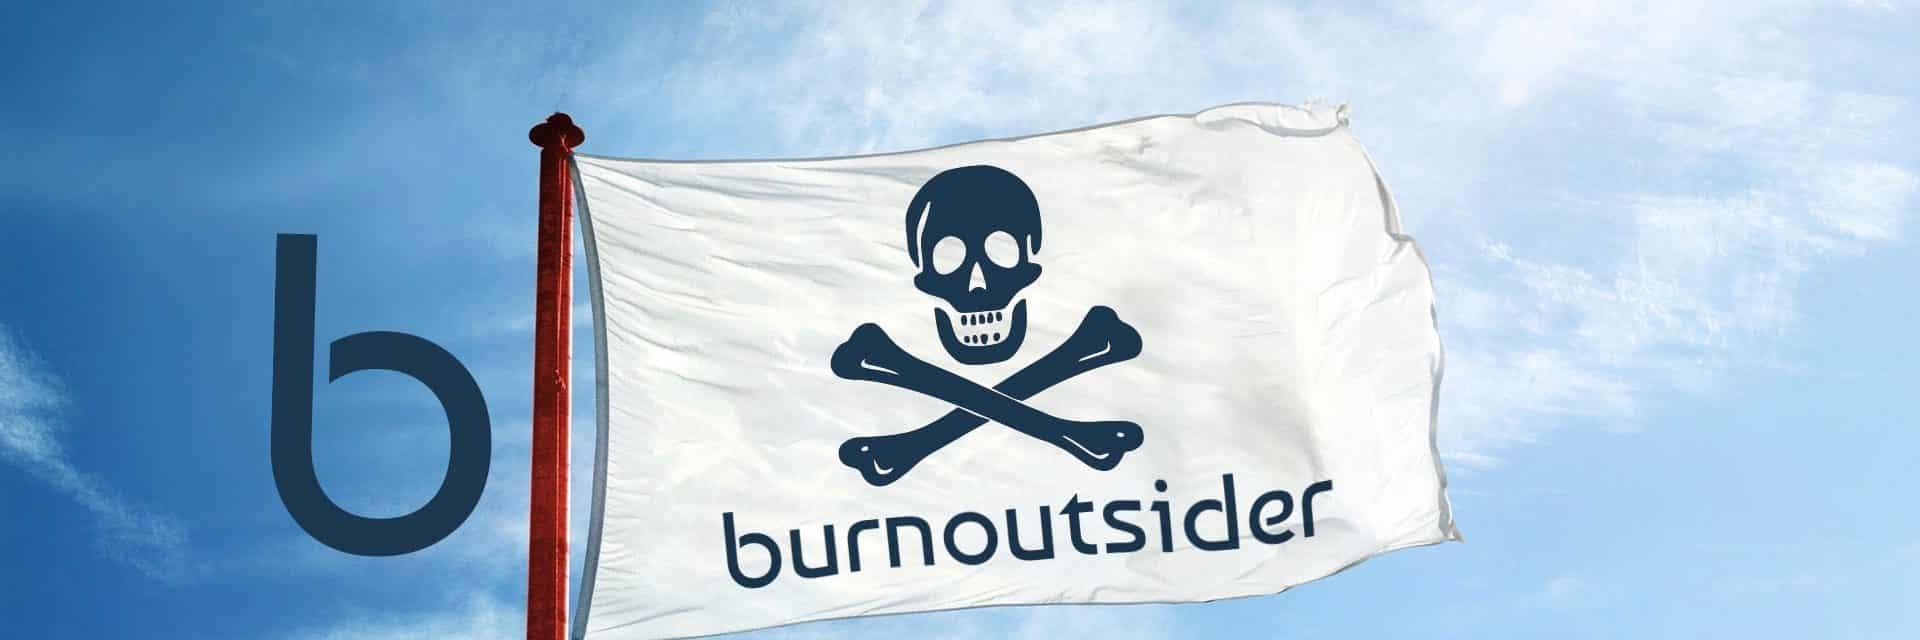 Burnout besiegen ist möglich